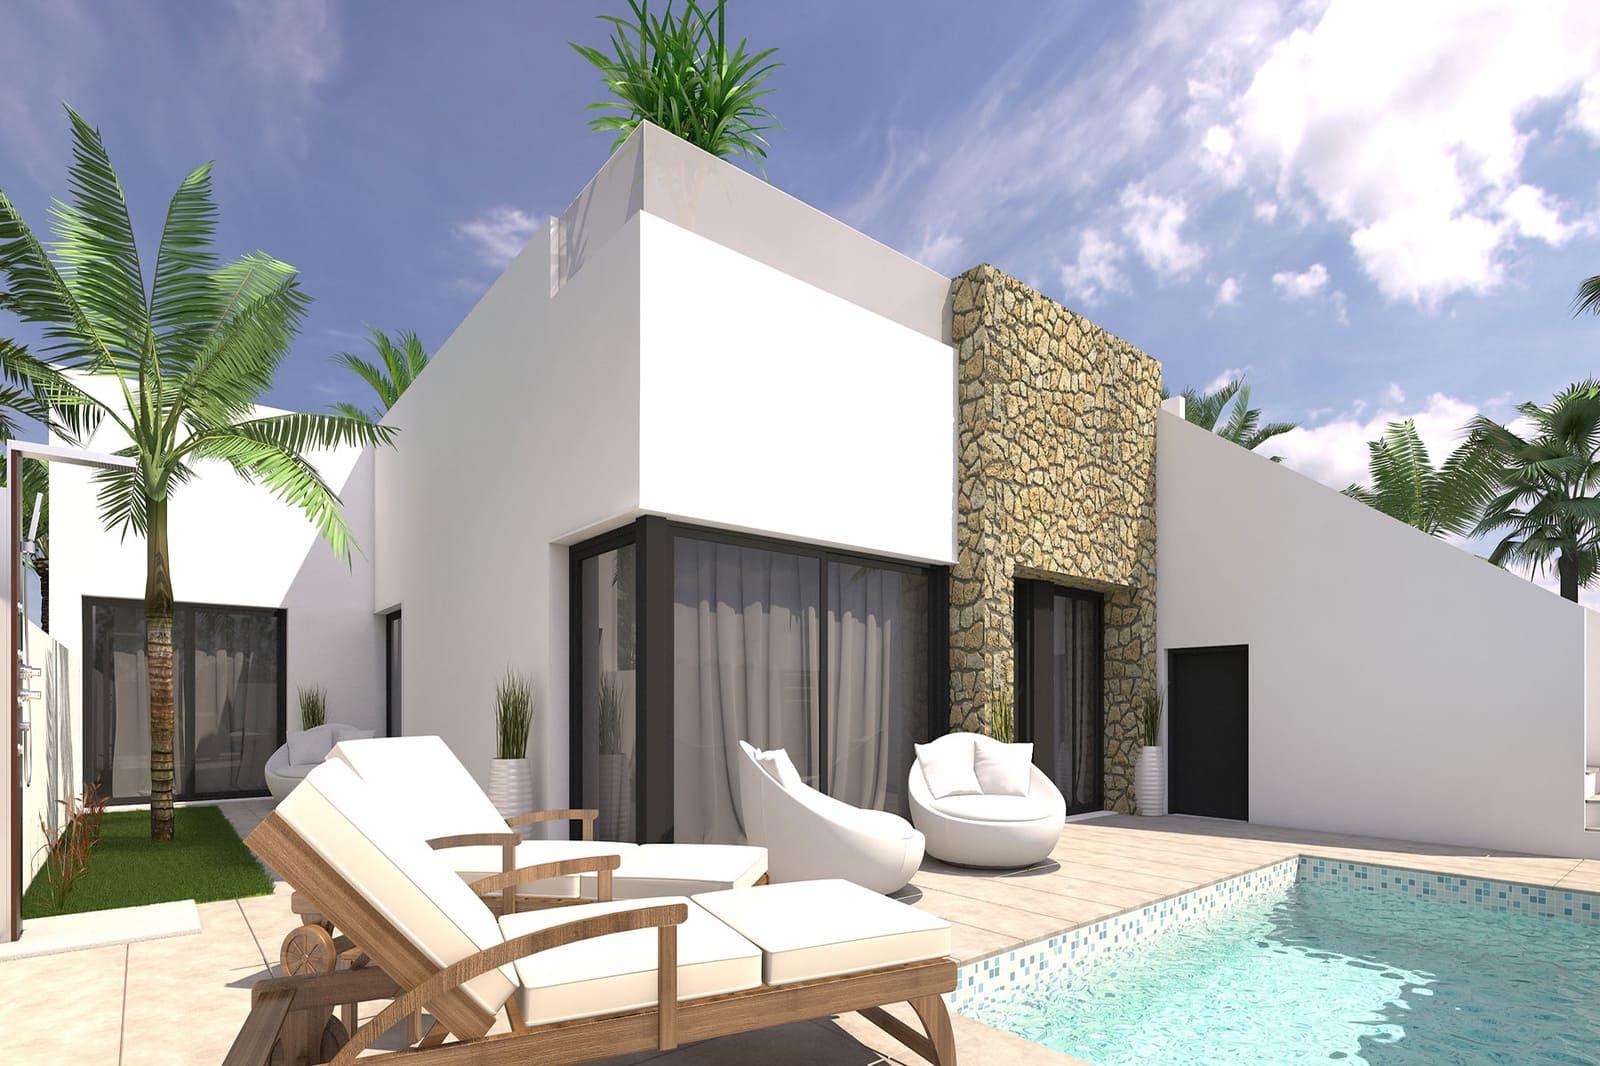 Pareado de 3 habitaciones en Pilar de la Horadada en venta con piscina - 284.900 € (Ref: 5003619)